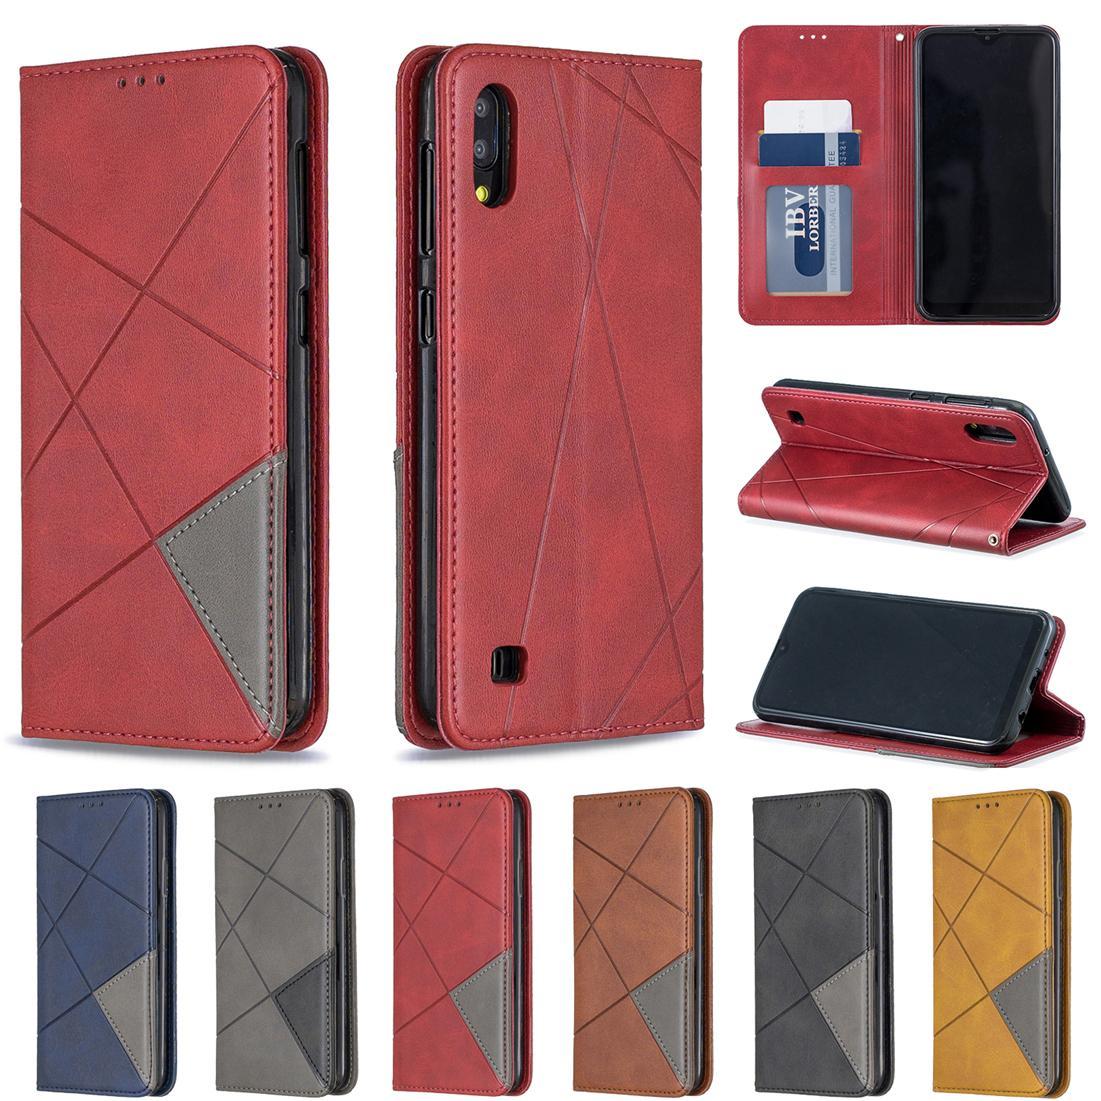 Case Flip Phone Samsung Galaxy A10 Thicken Triangle antisalissure design avec carte de portefeuille Porte-bracelet chaîne Hole (modèle: A10)